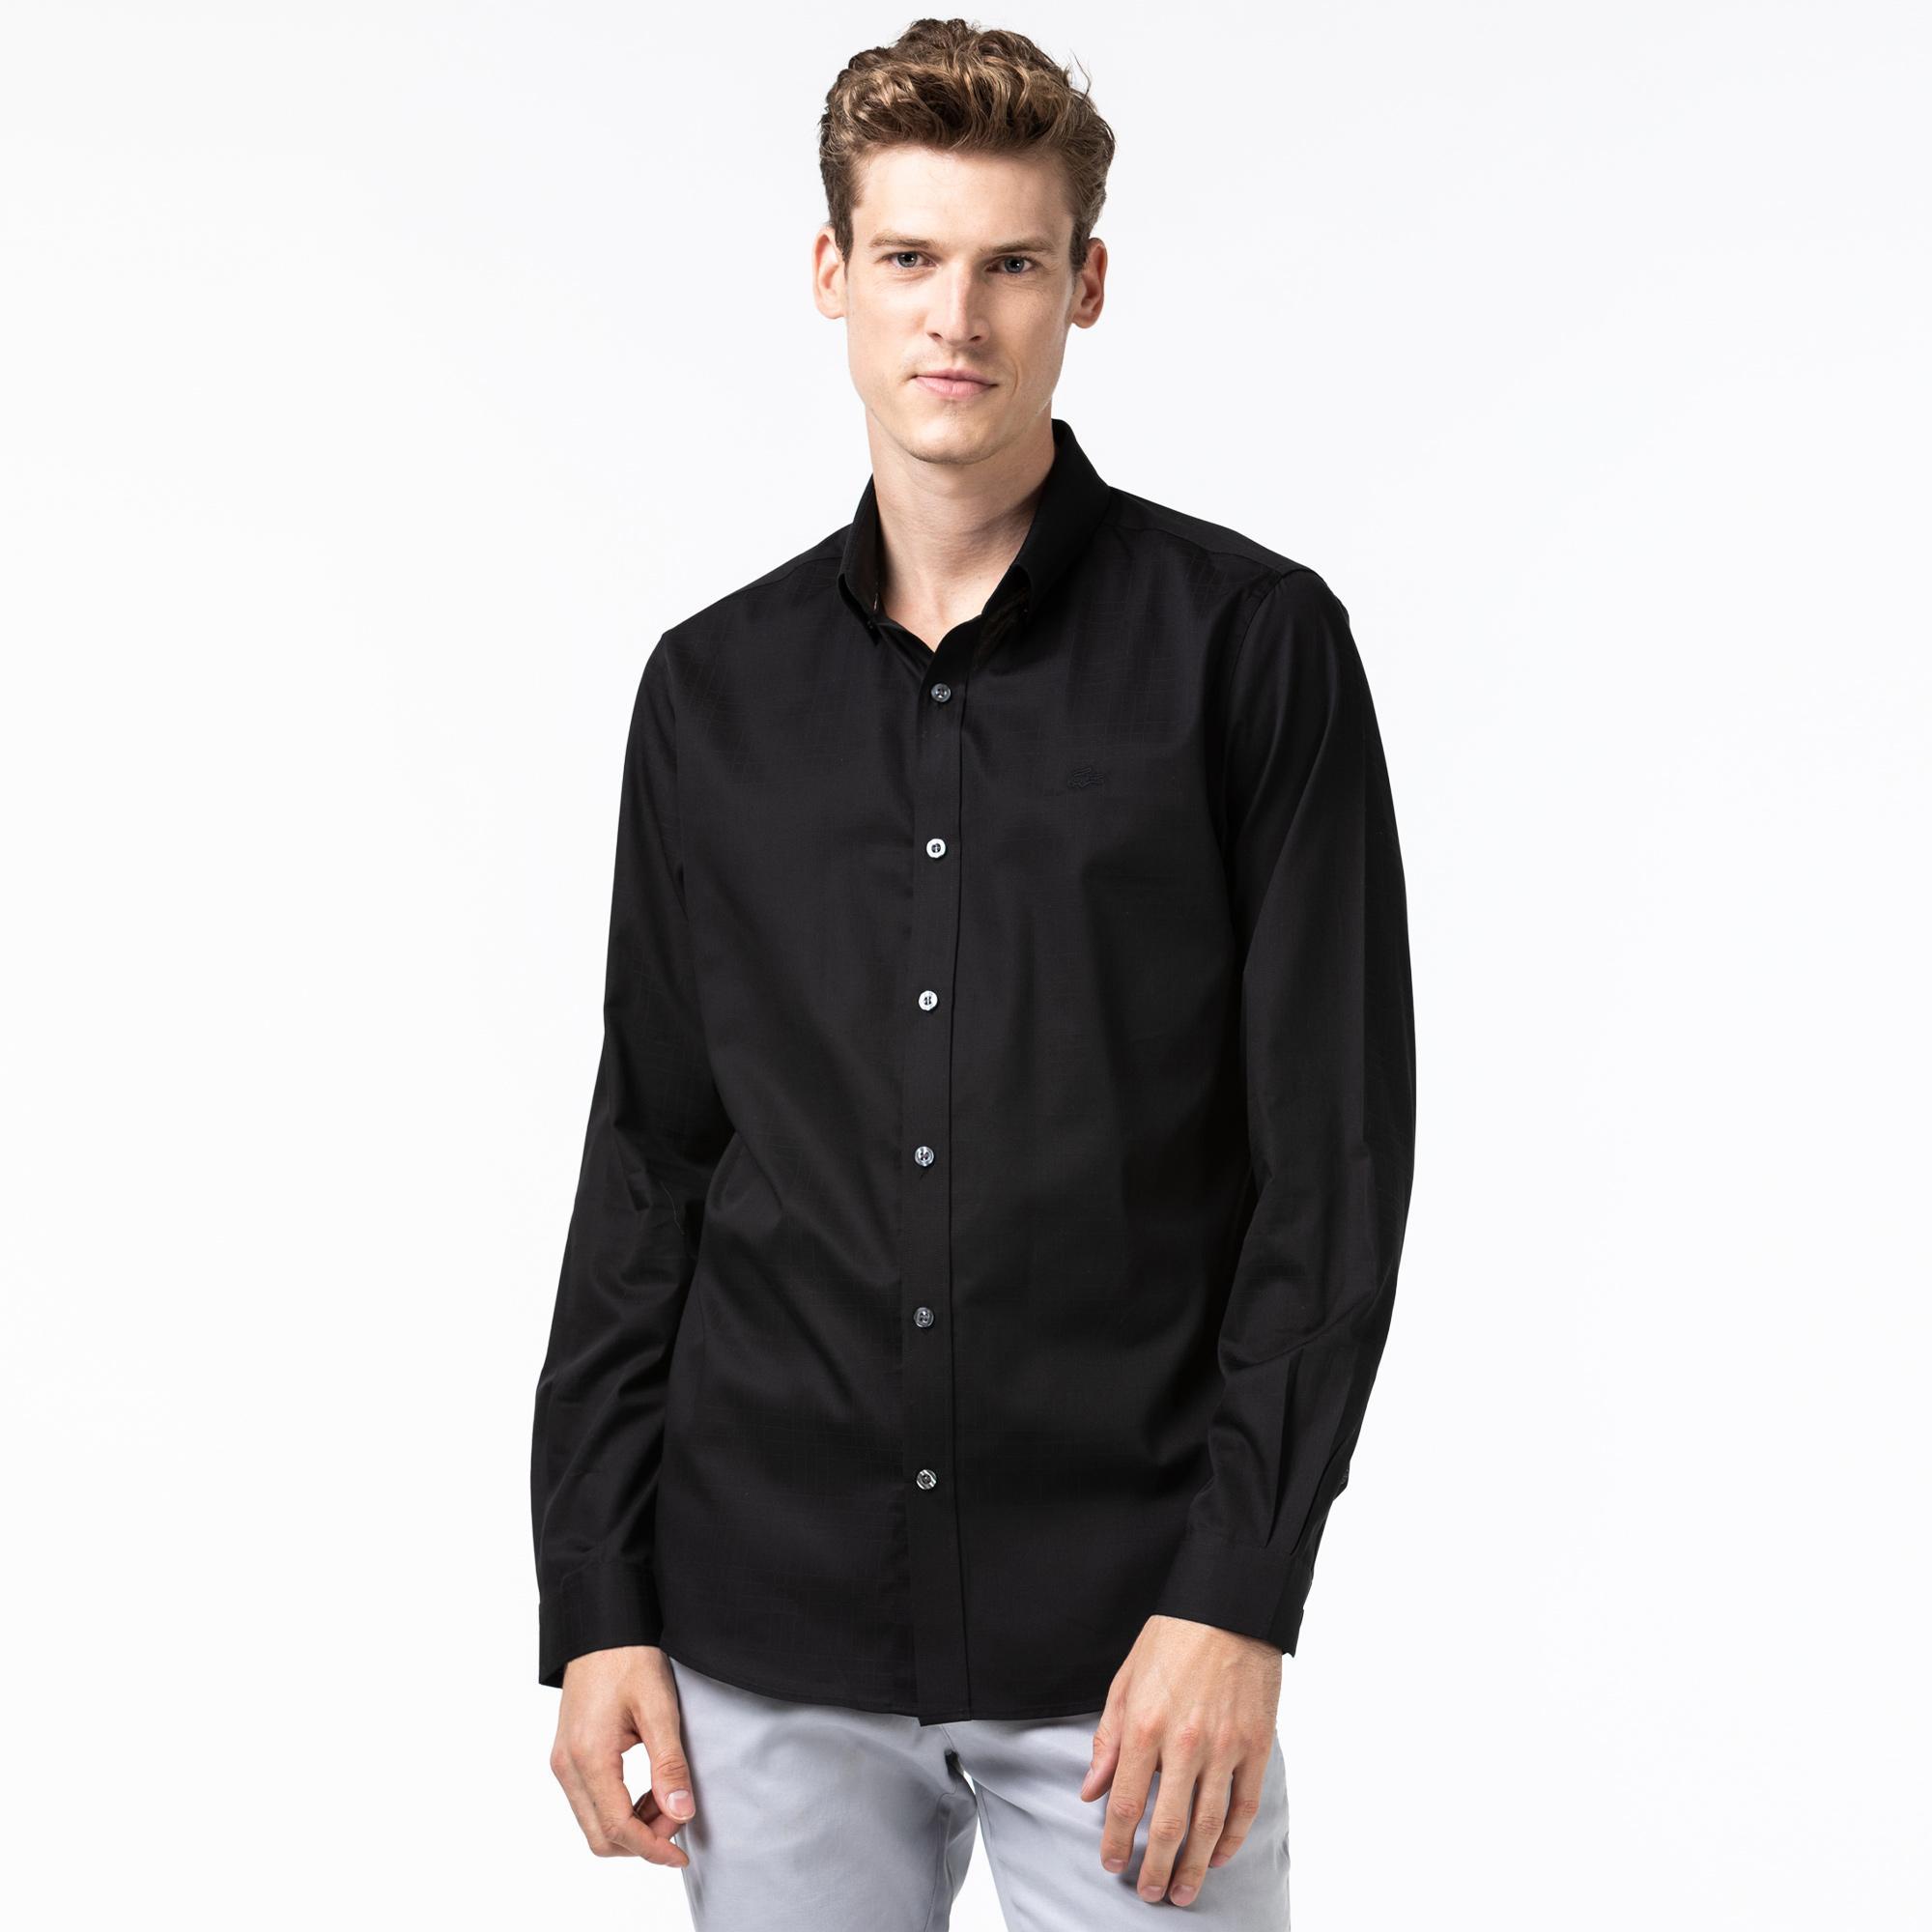 Lacoste Erkek Slim Fit Ekose Desenli Siyah Gömlek